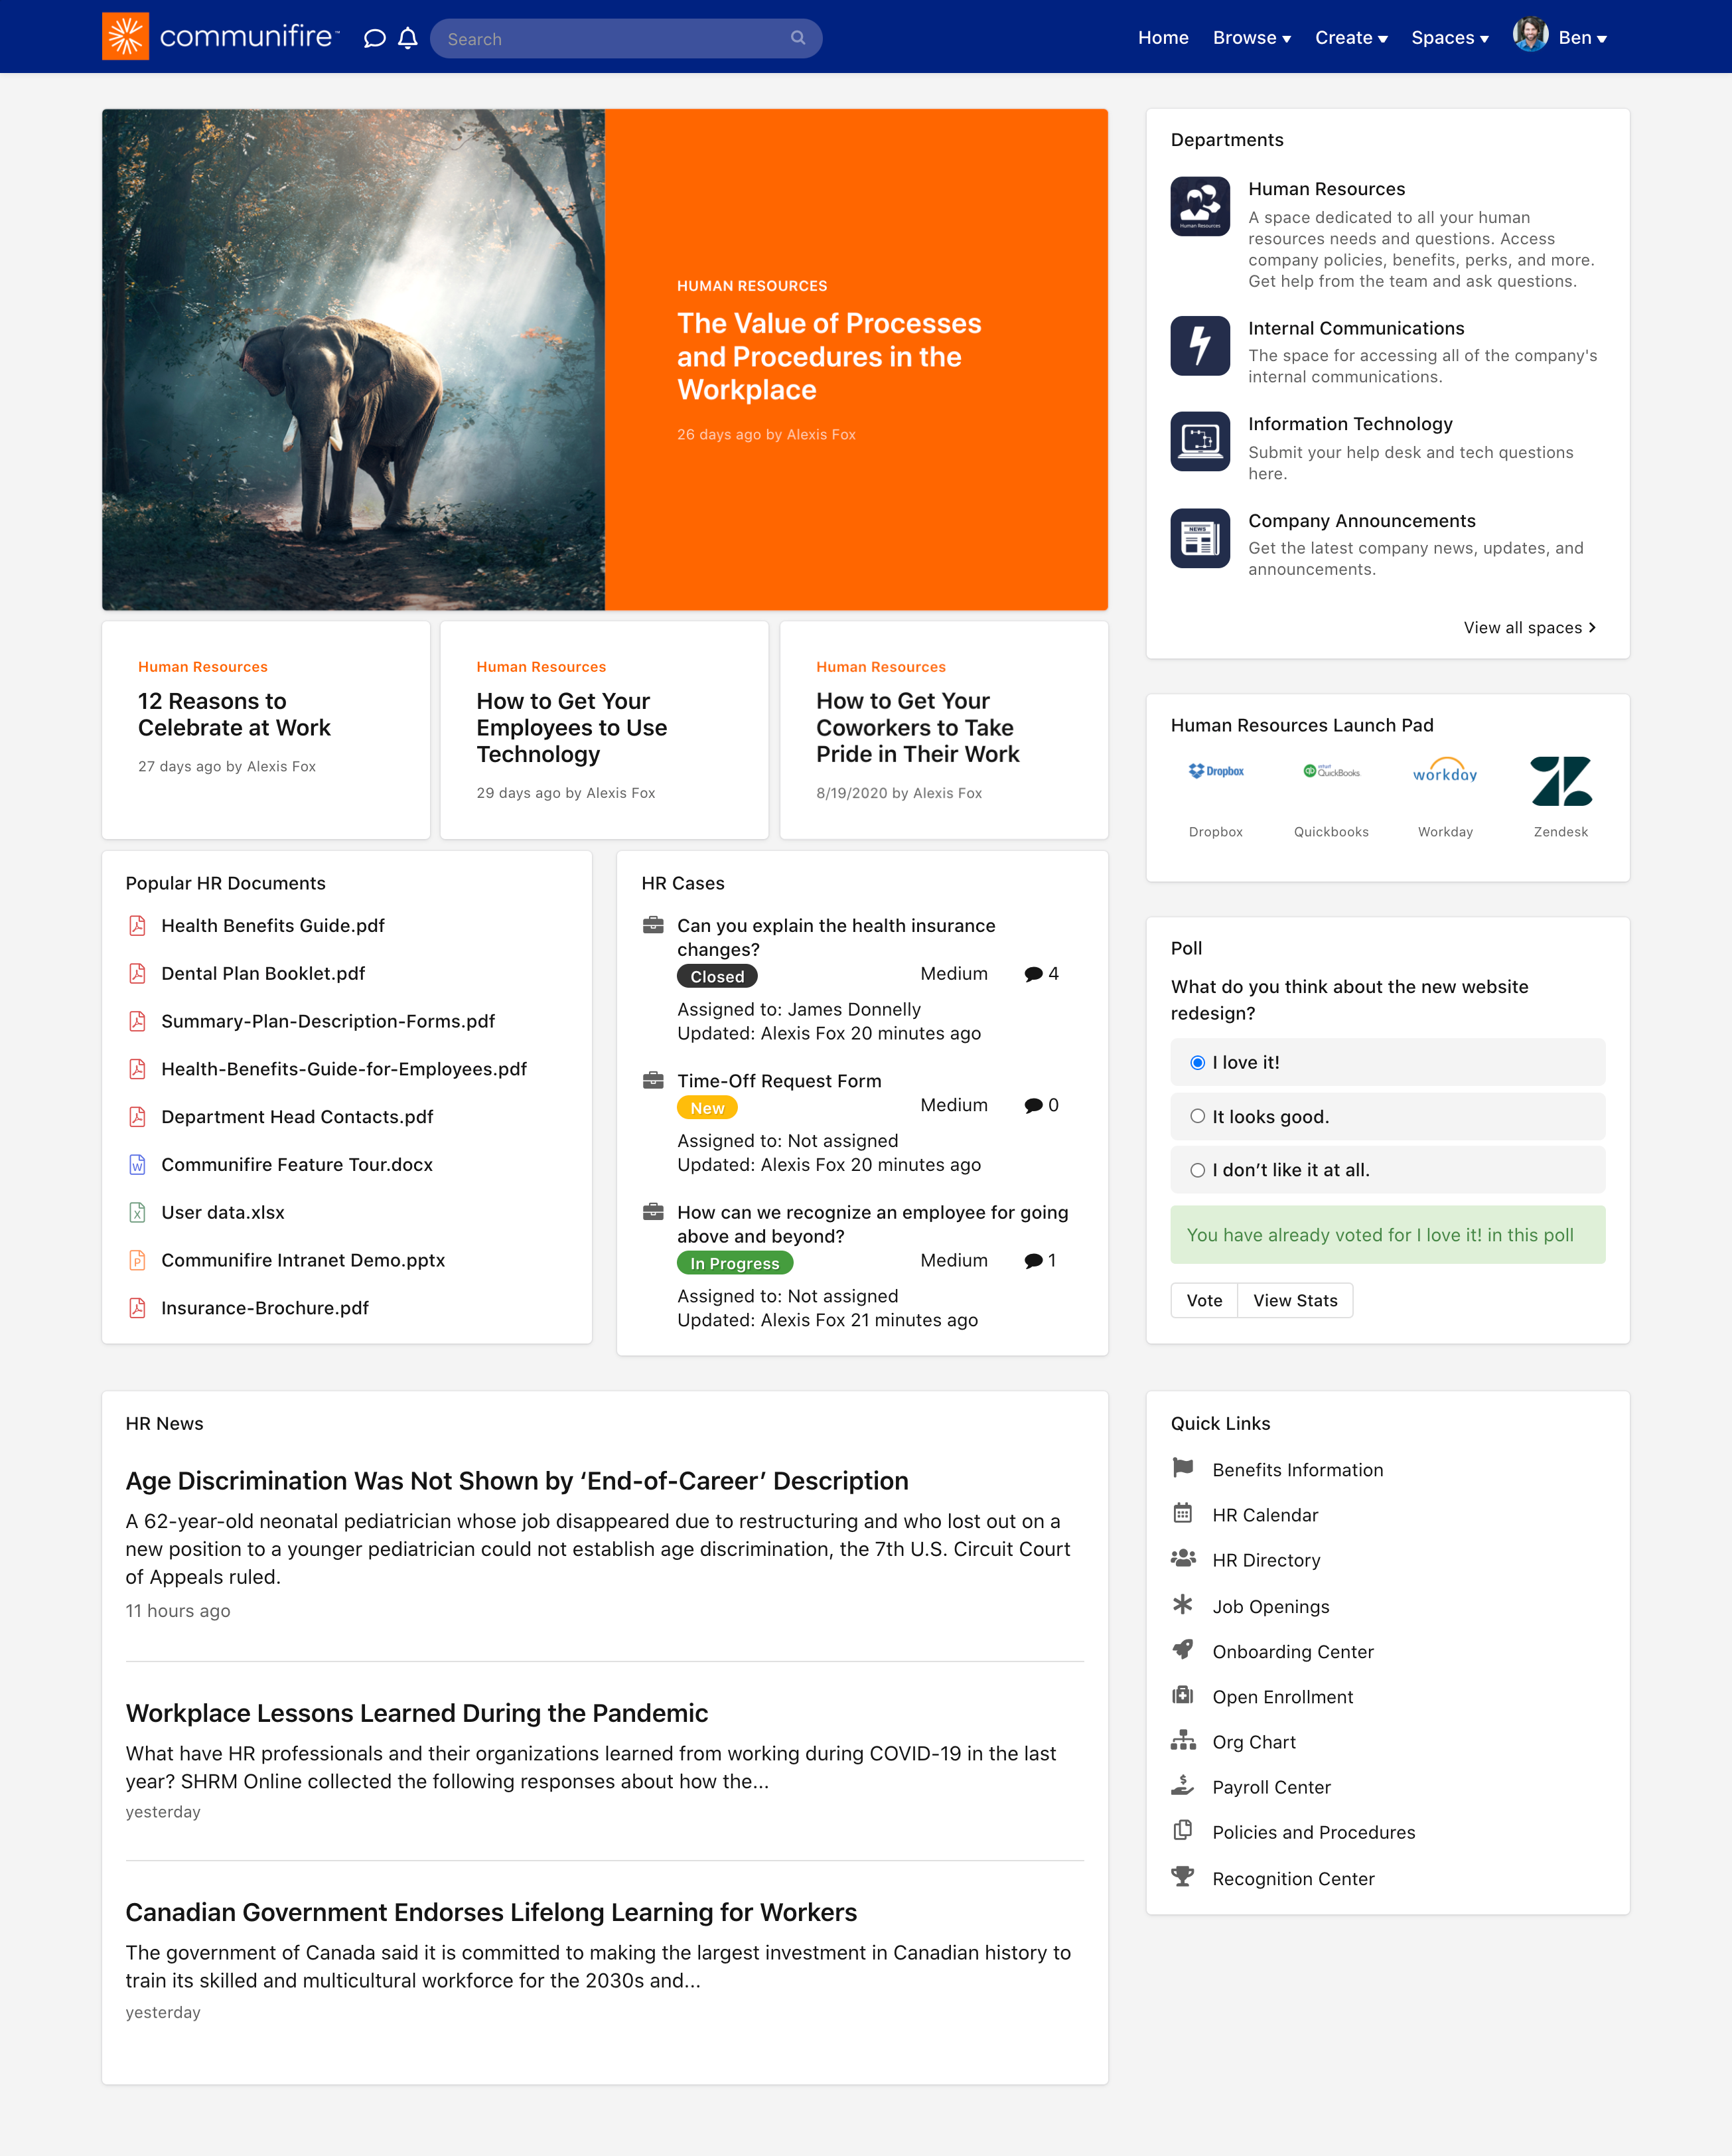 HR team member's homepage